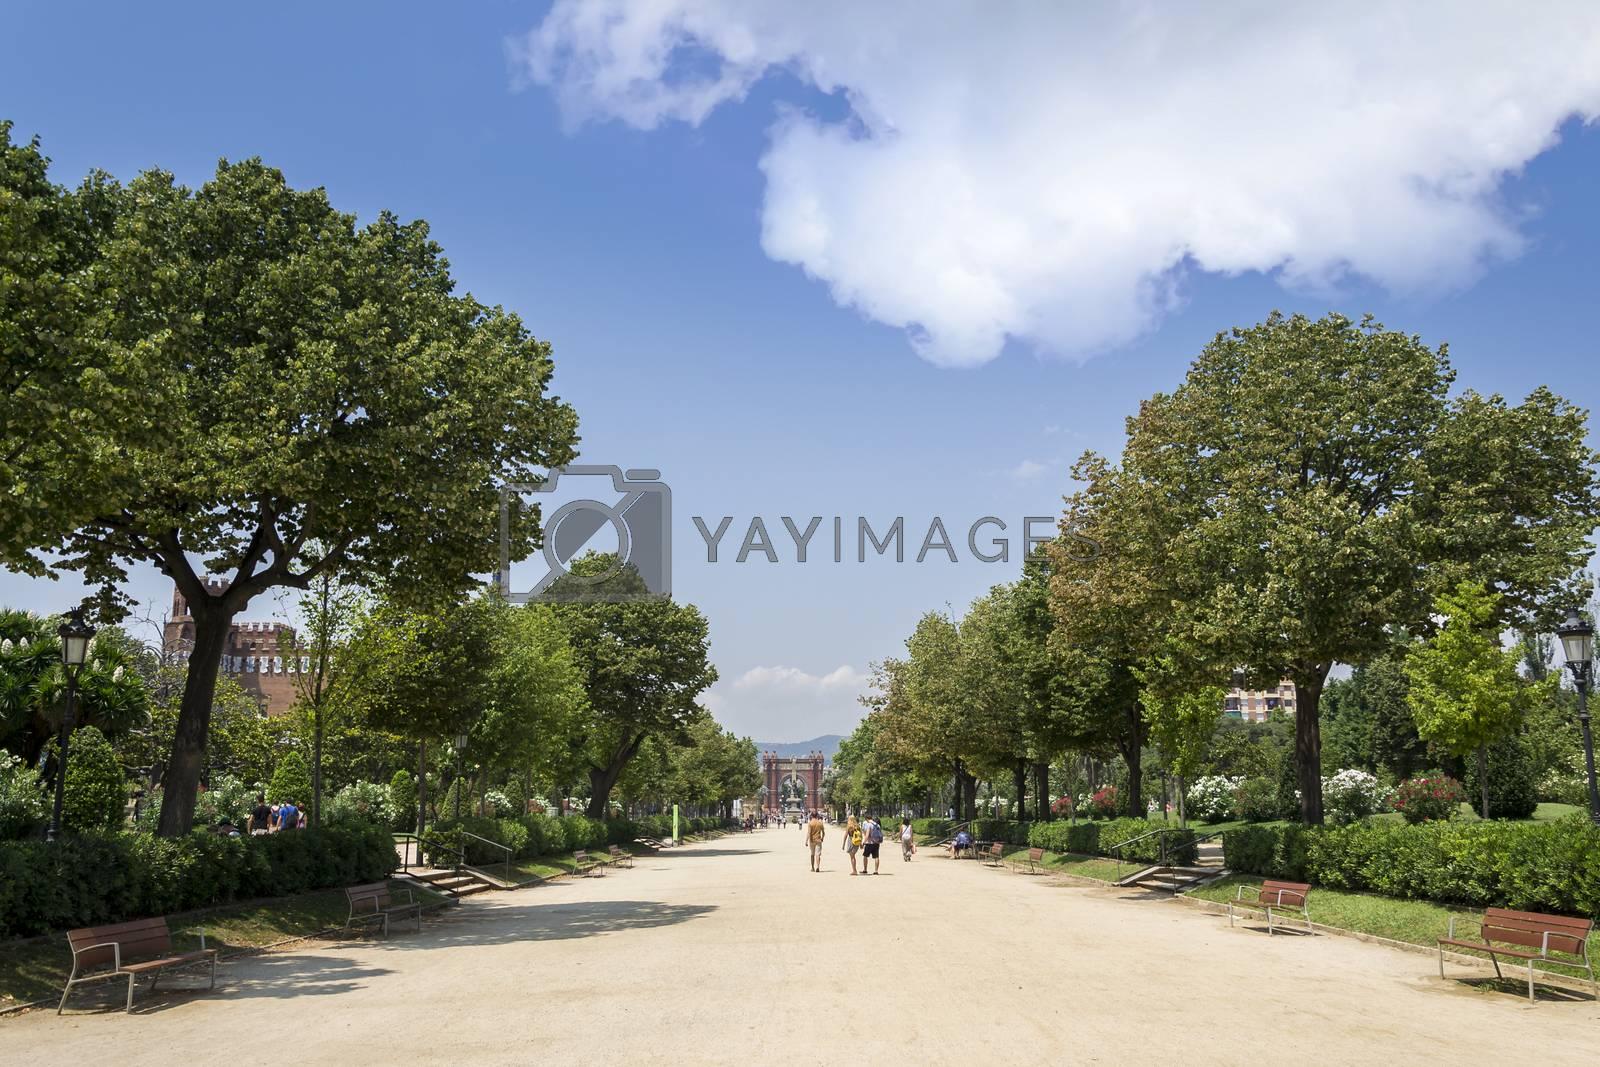 Royalty free image of Park de la Ciutadela in Barcelona Spain by enrico.lapponi